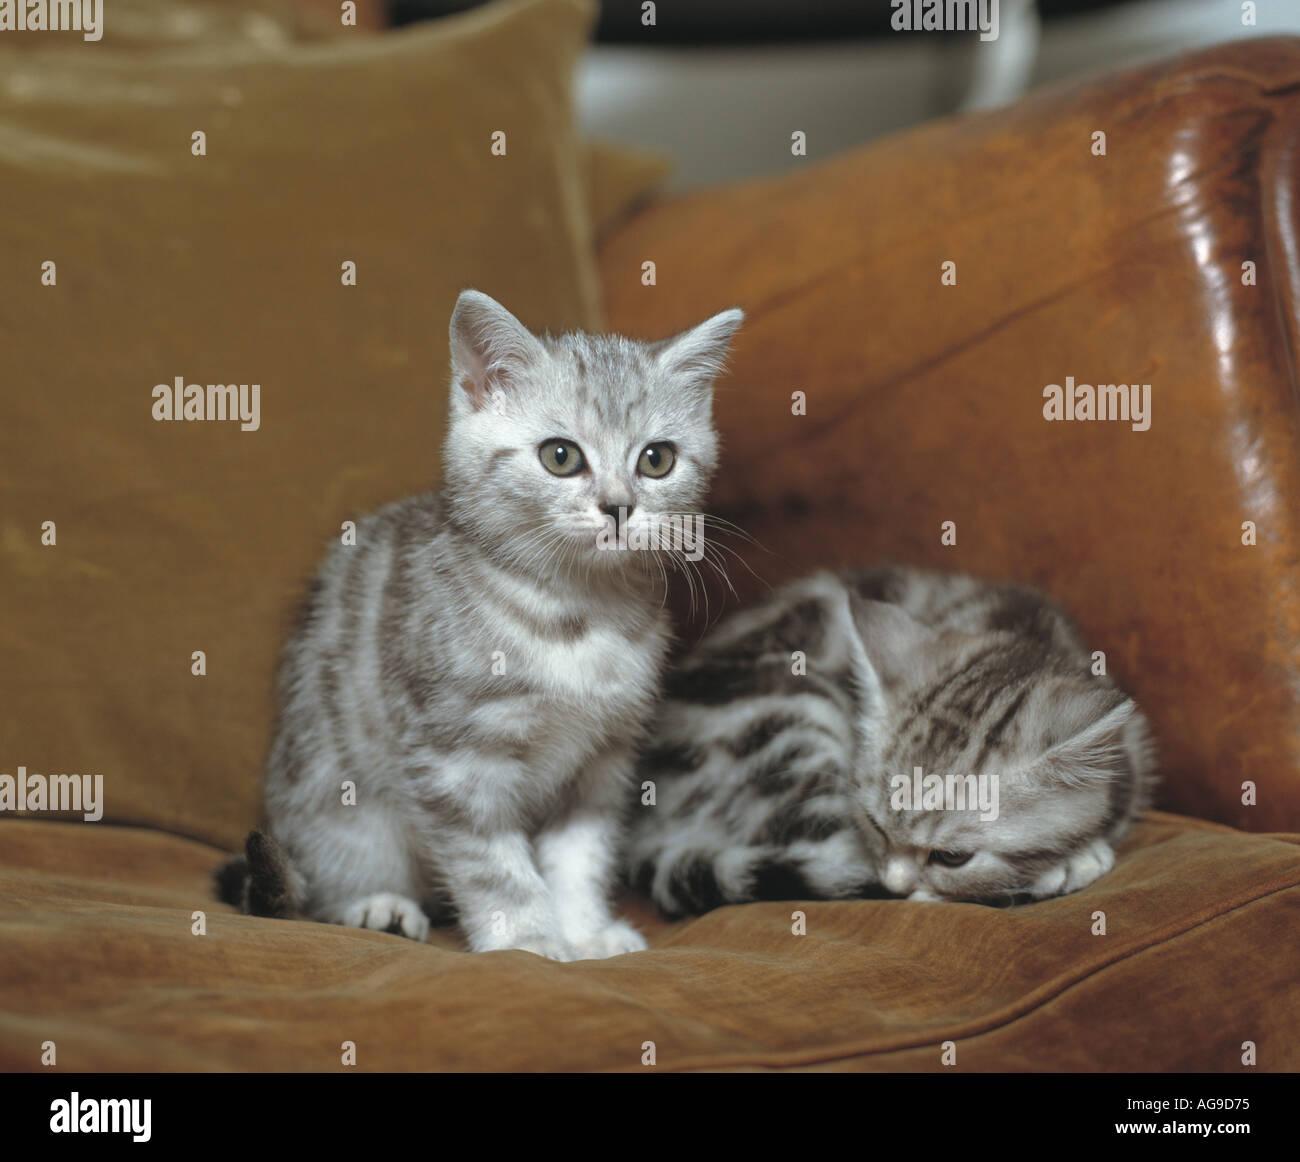 Coppia di gattini ubicazione sul divano Immagini Stock